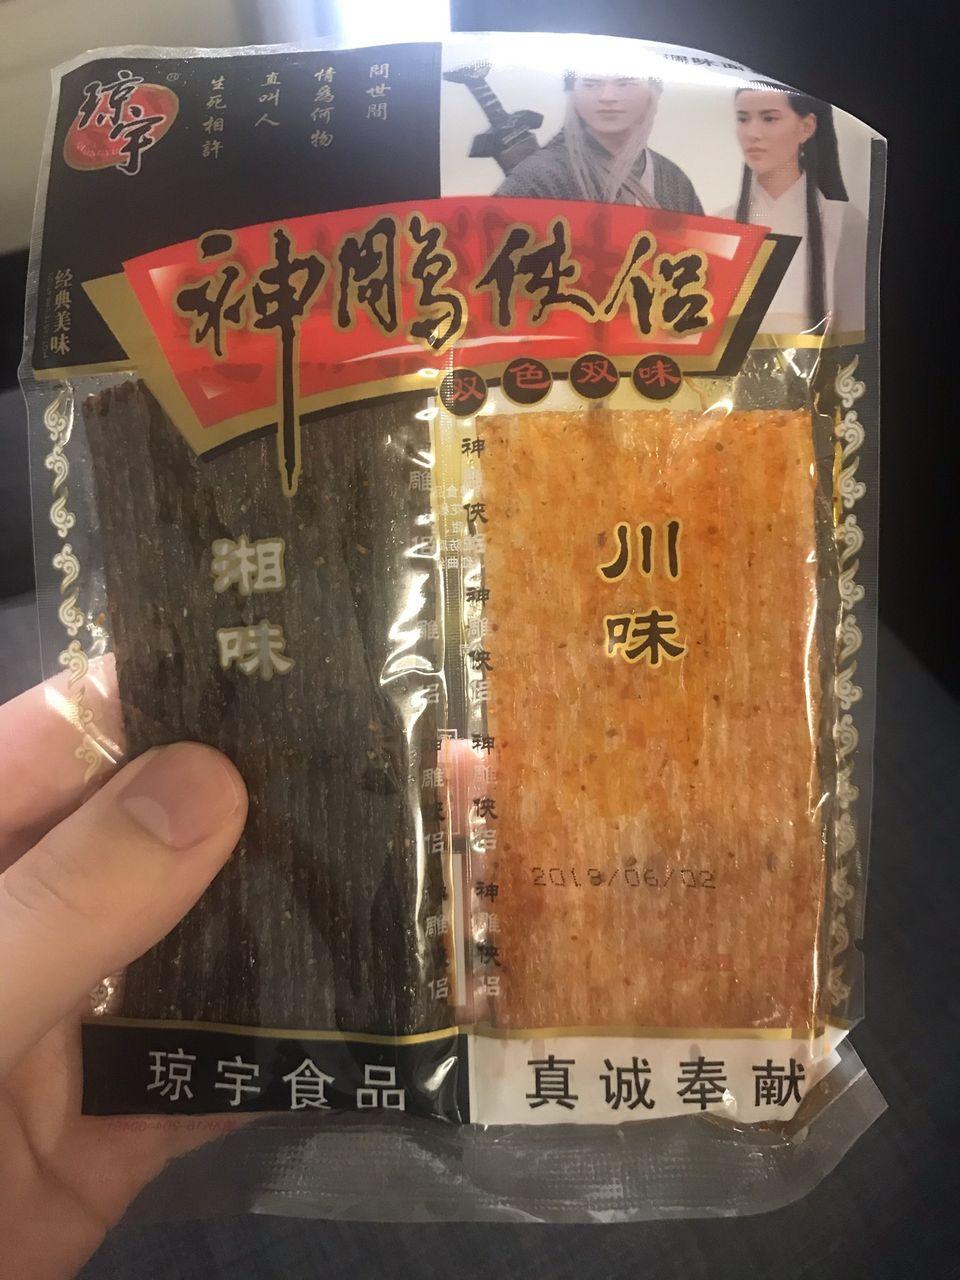 【画像あり】中国人の知り合いから謎の食べ物貰ったんだが…